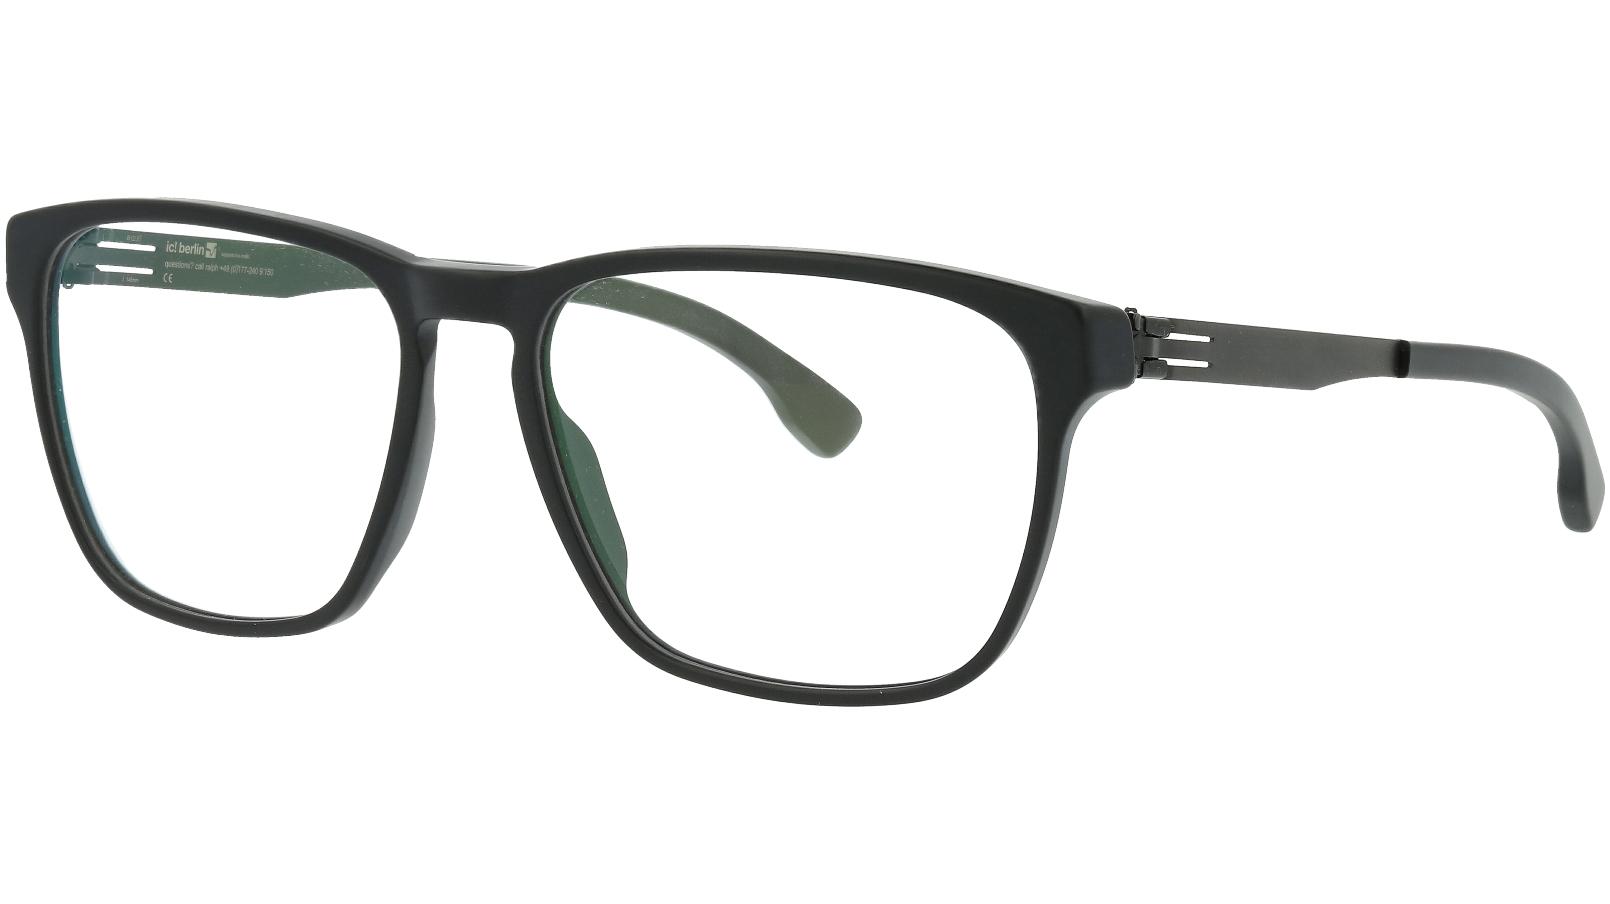 ic! berlin Danny H Matt Black Full-Rim Glasses